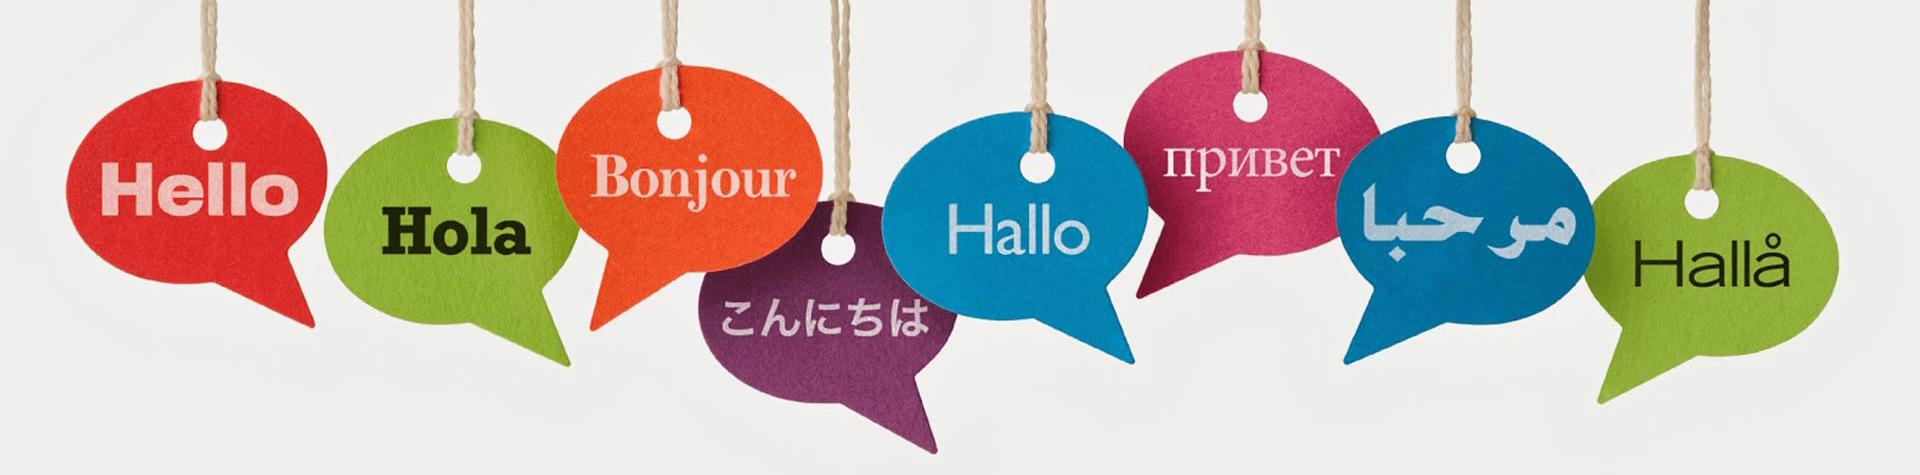 Մասնագիտացված թարգմանություն